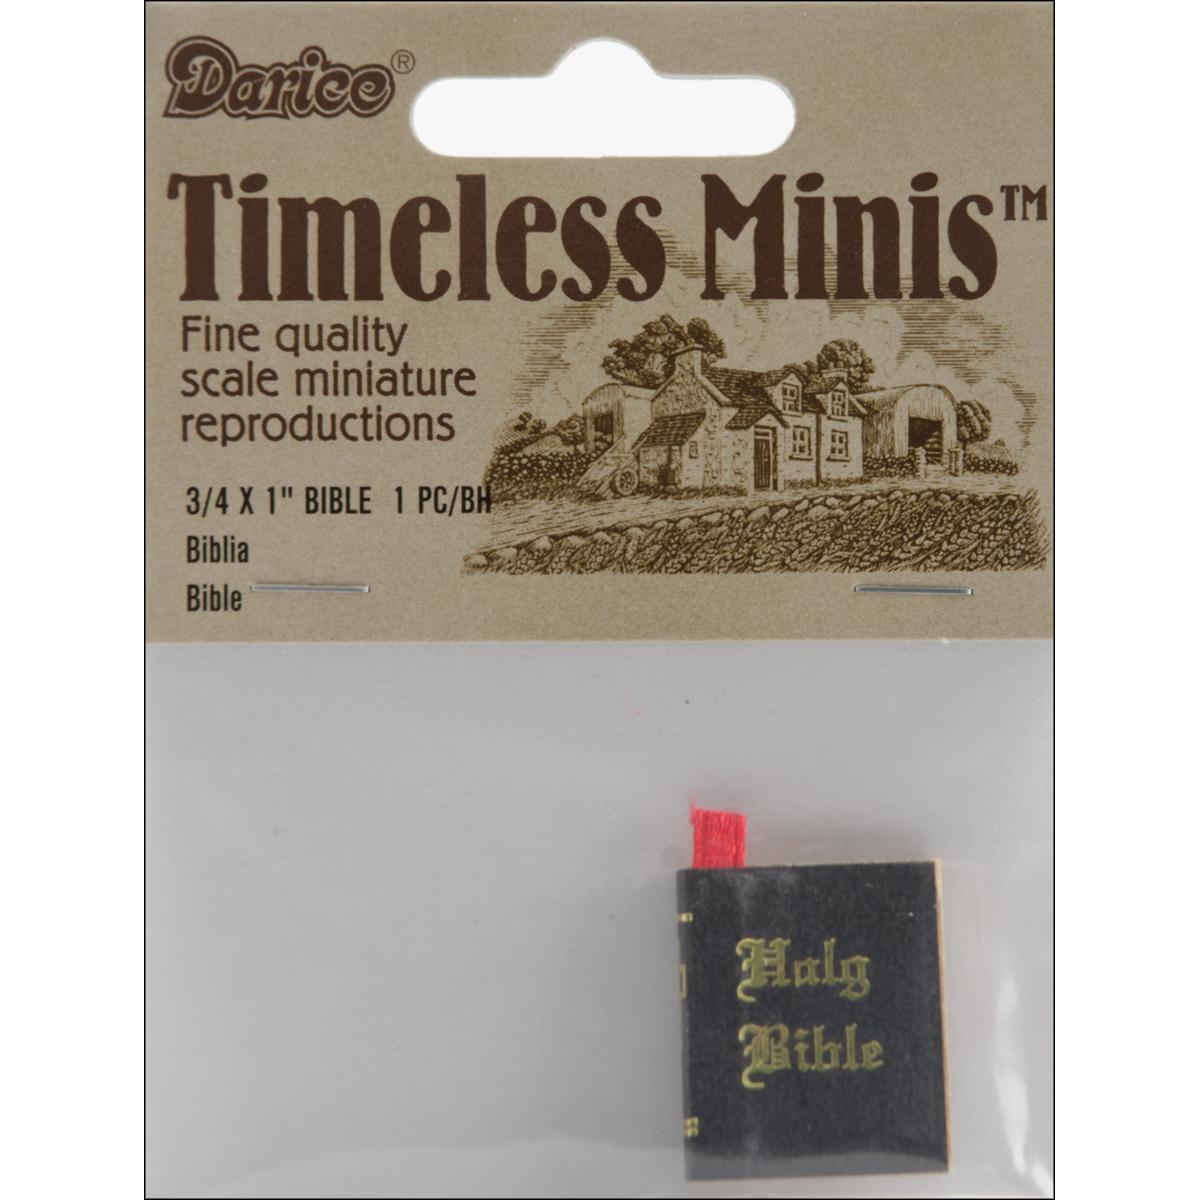 Darice Timeless Minis Bible